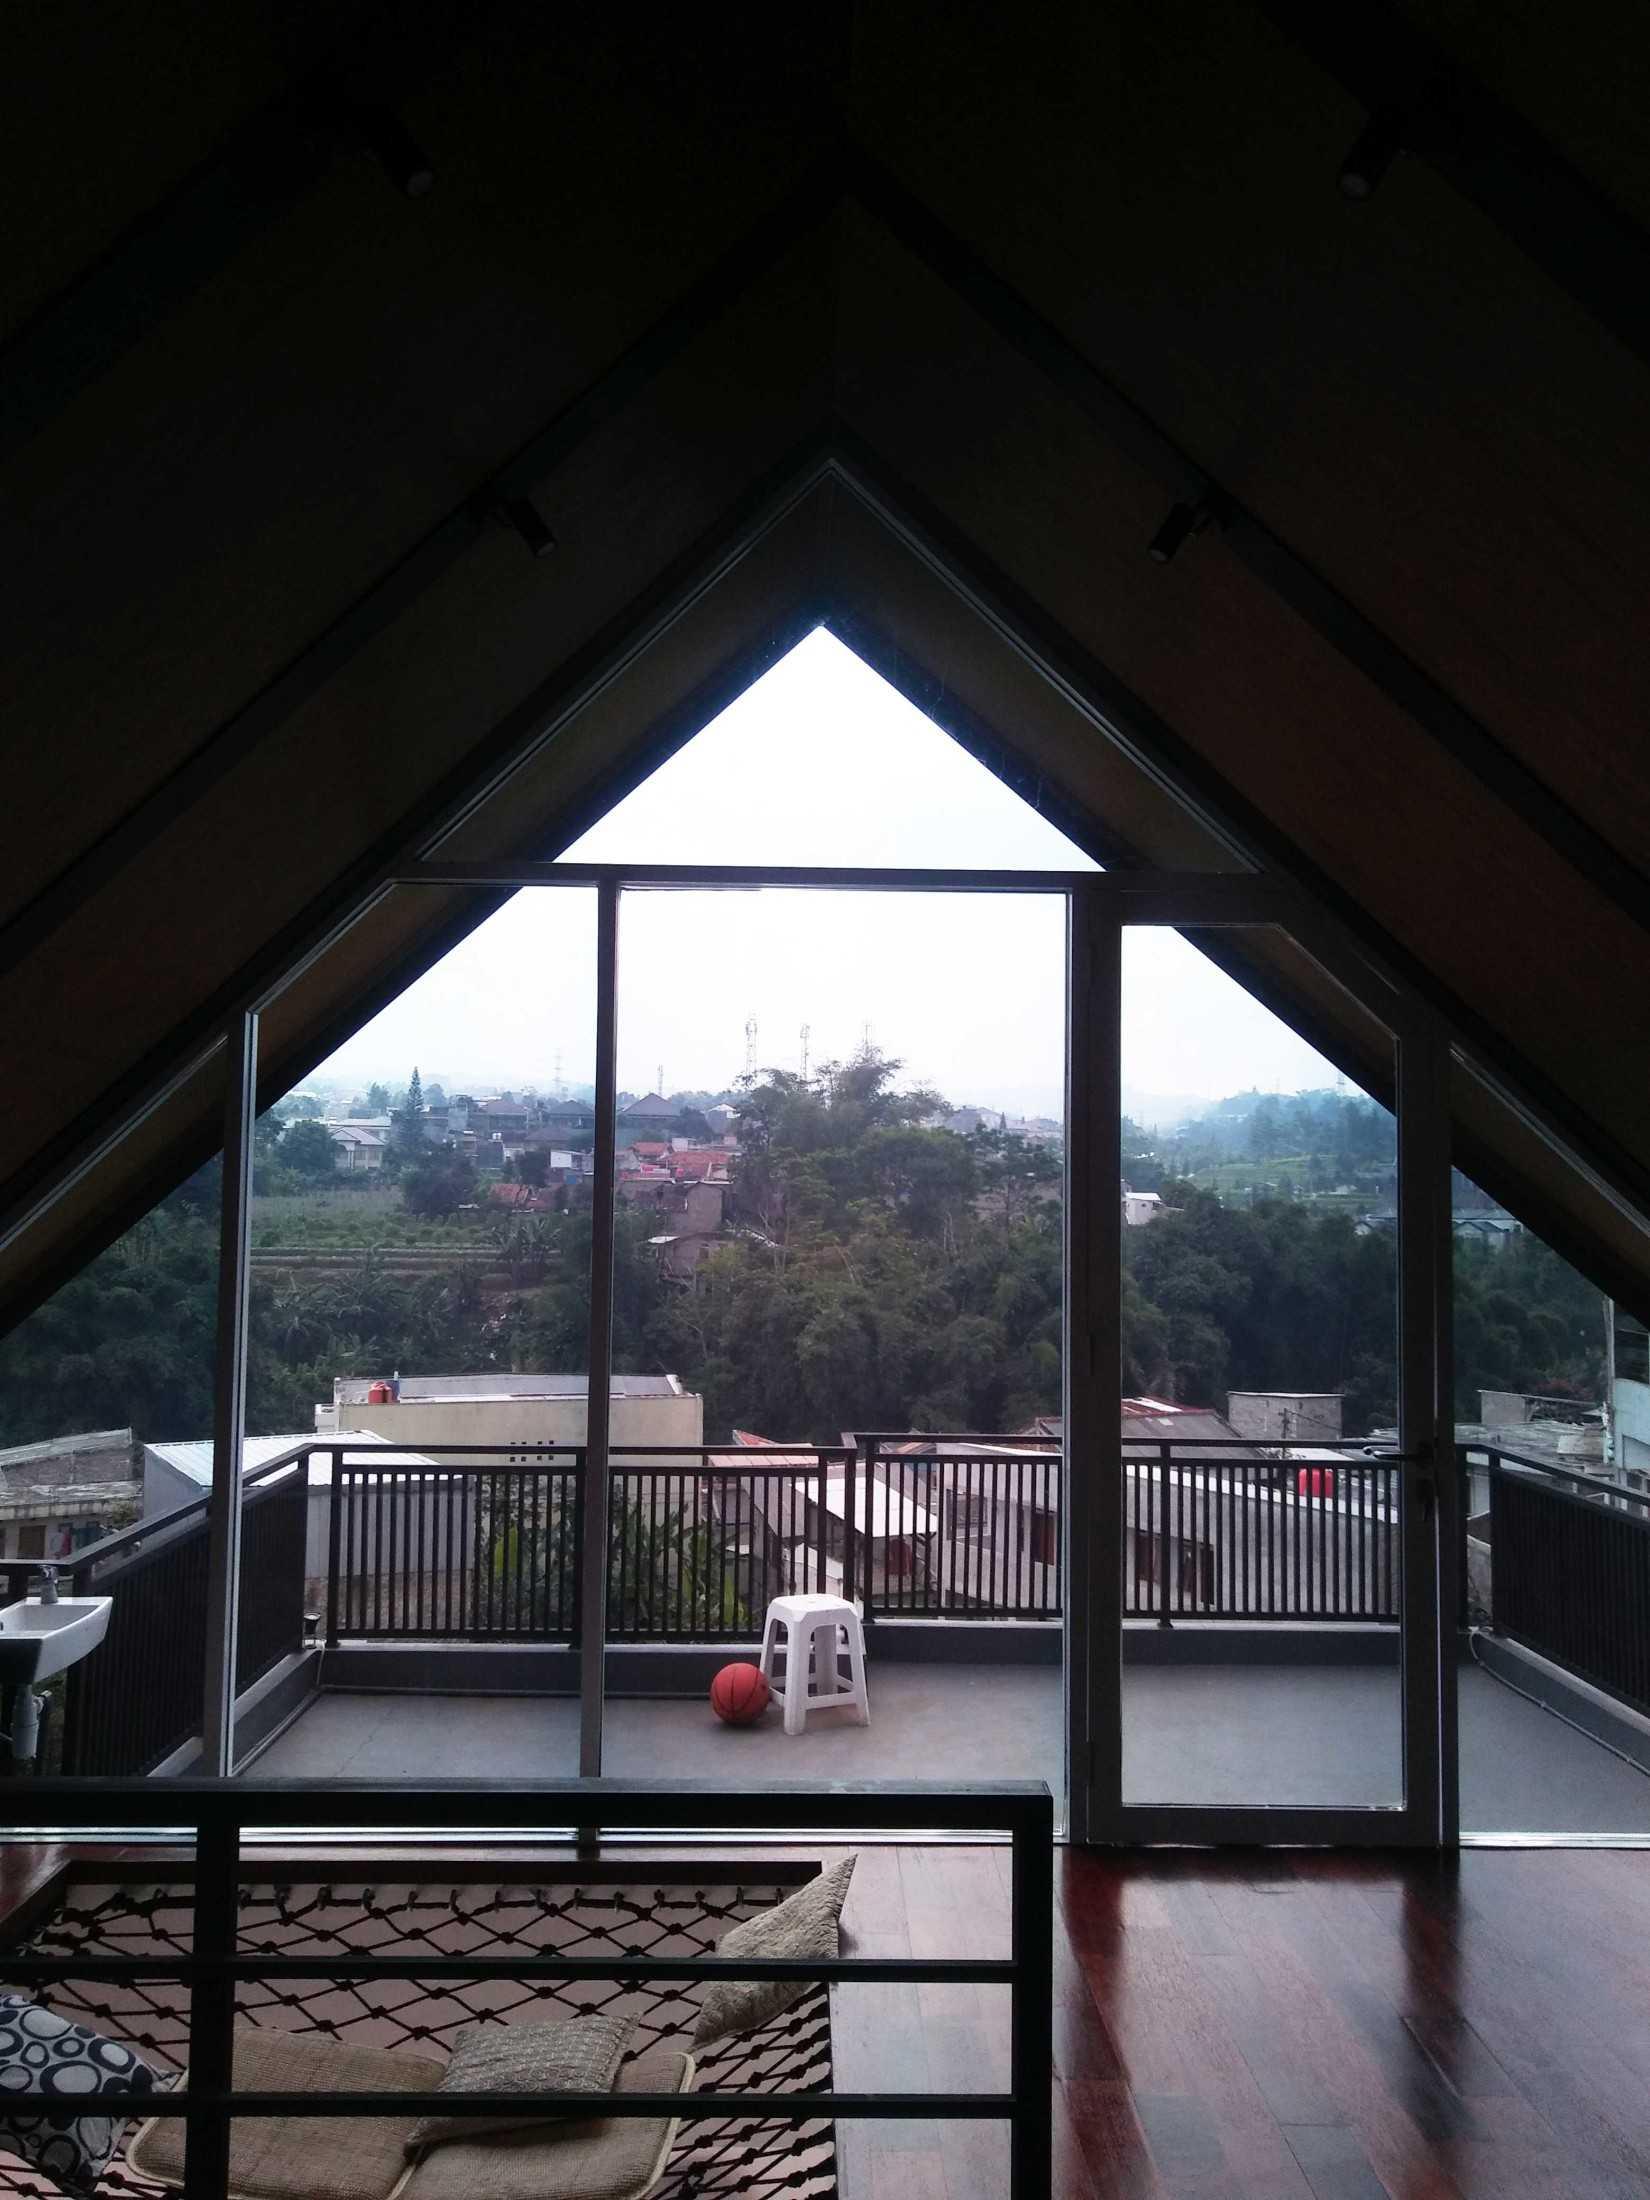 Atelier Ara Rumah Gerlong Bandung, Kota Bandung, Jawa Barat, Indonesia Bandung, Kota Bandung, Jawa Barat, Indonesia Atelier-Ara-Rumah-Gerlong  74328